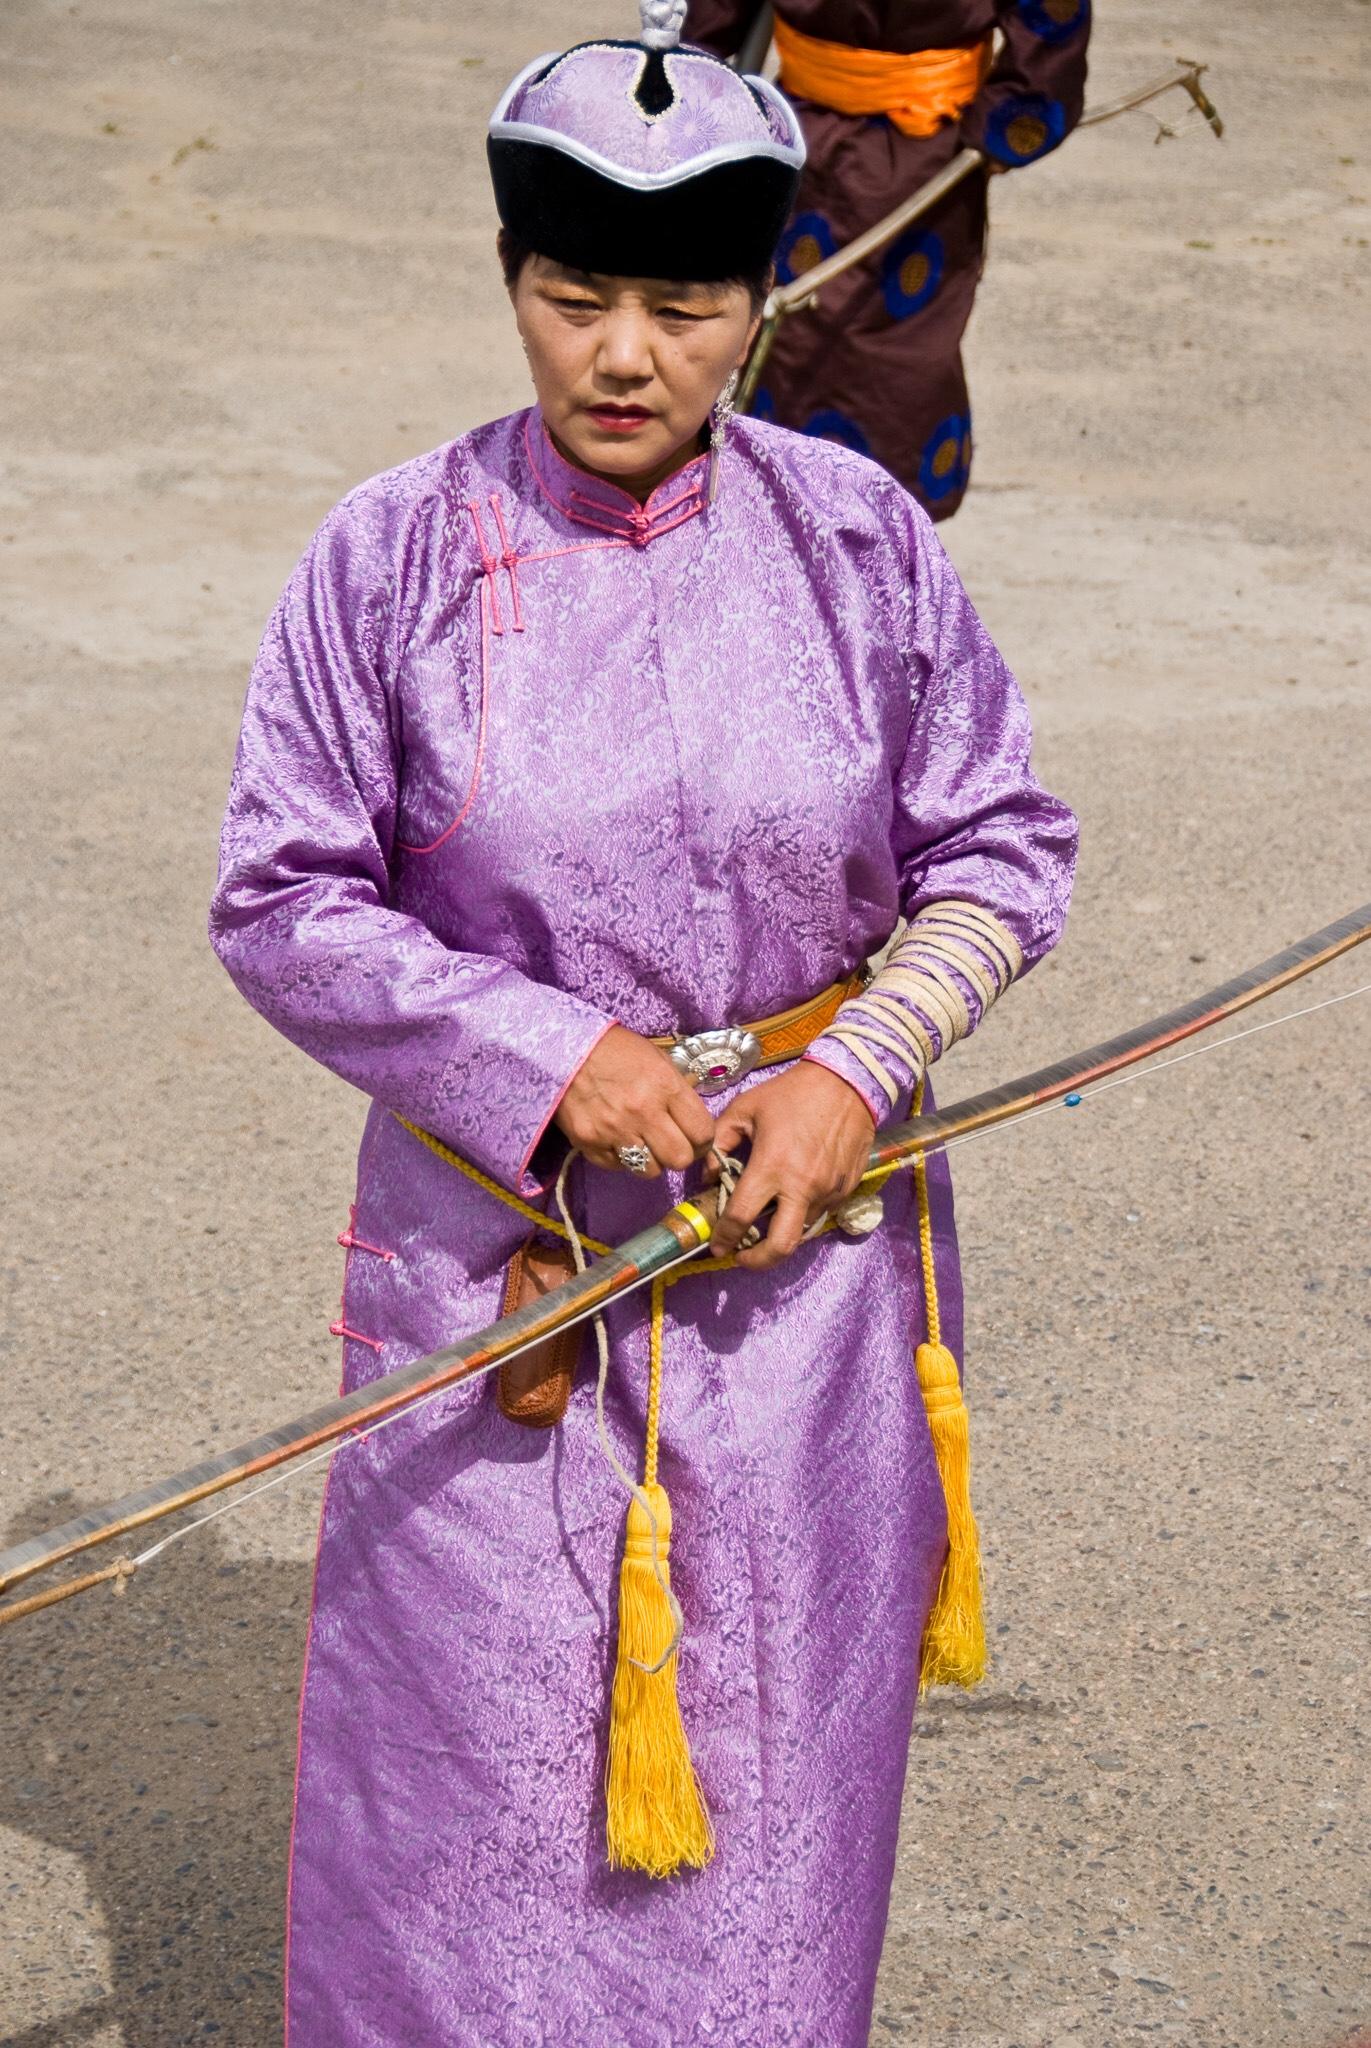 Naadam, Ulaan Baatar, Mongolia, 2007